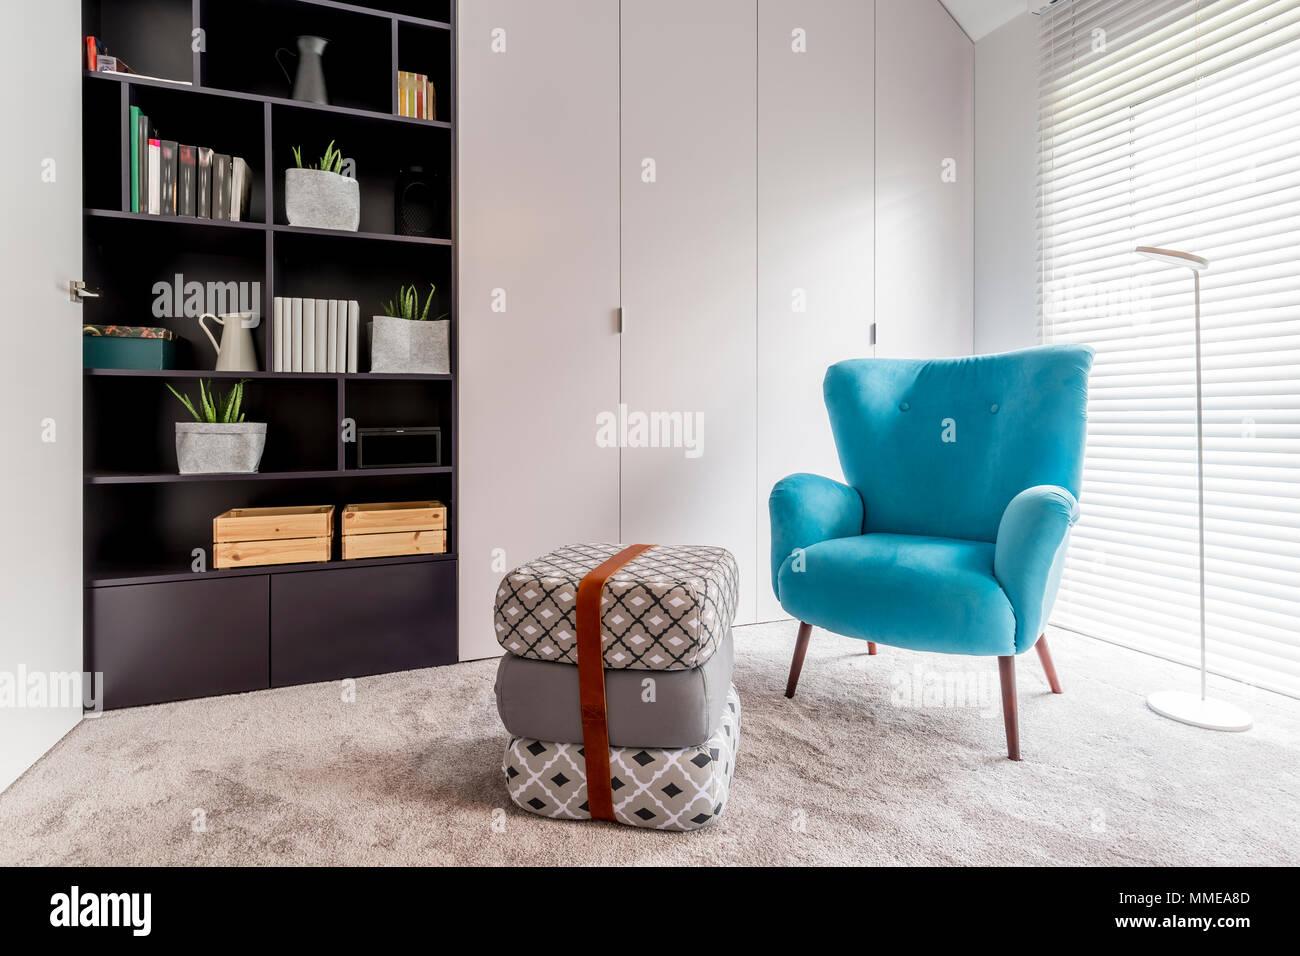 Modernes Interieur mit gemütliche Leseecke mit schwarzen Bücherregal ...